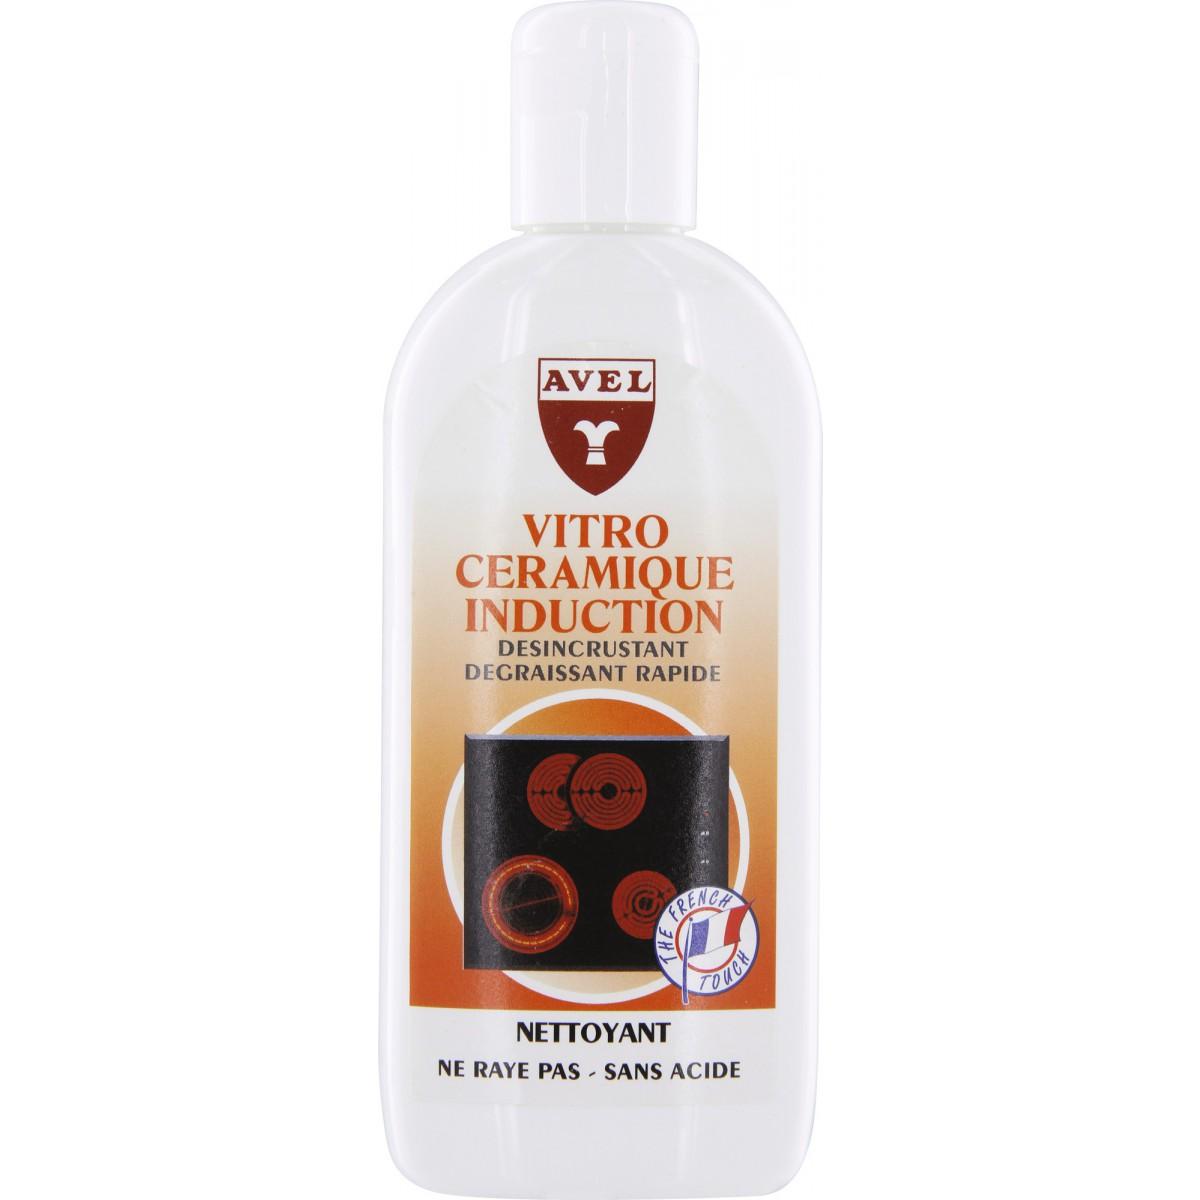 Nettoyant vitrocéramique et induction Avel - Flacon 250 ml